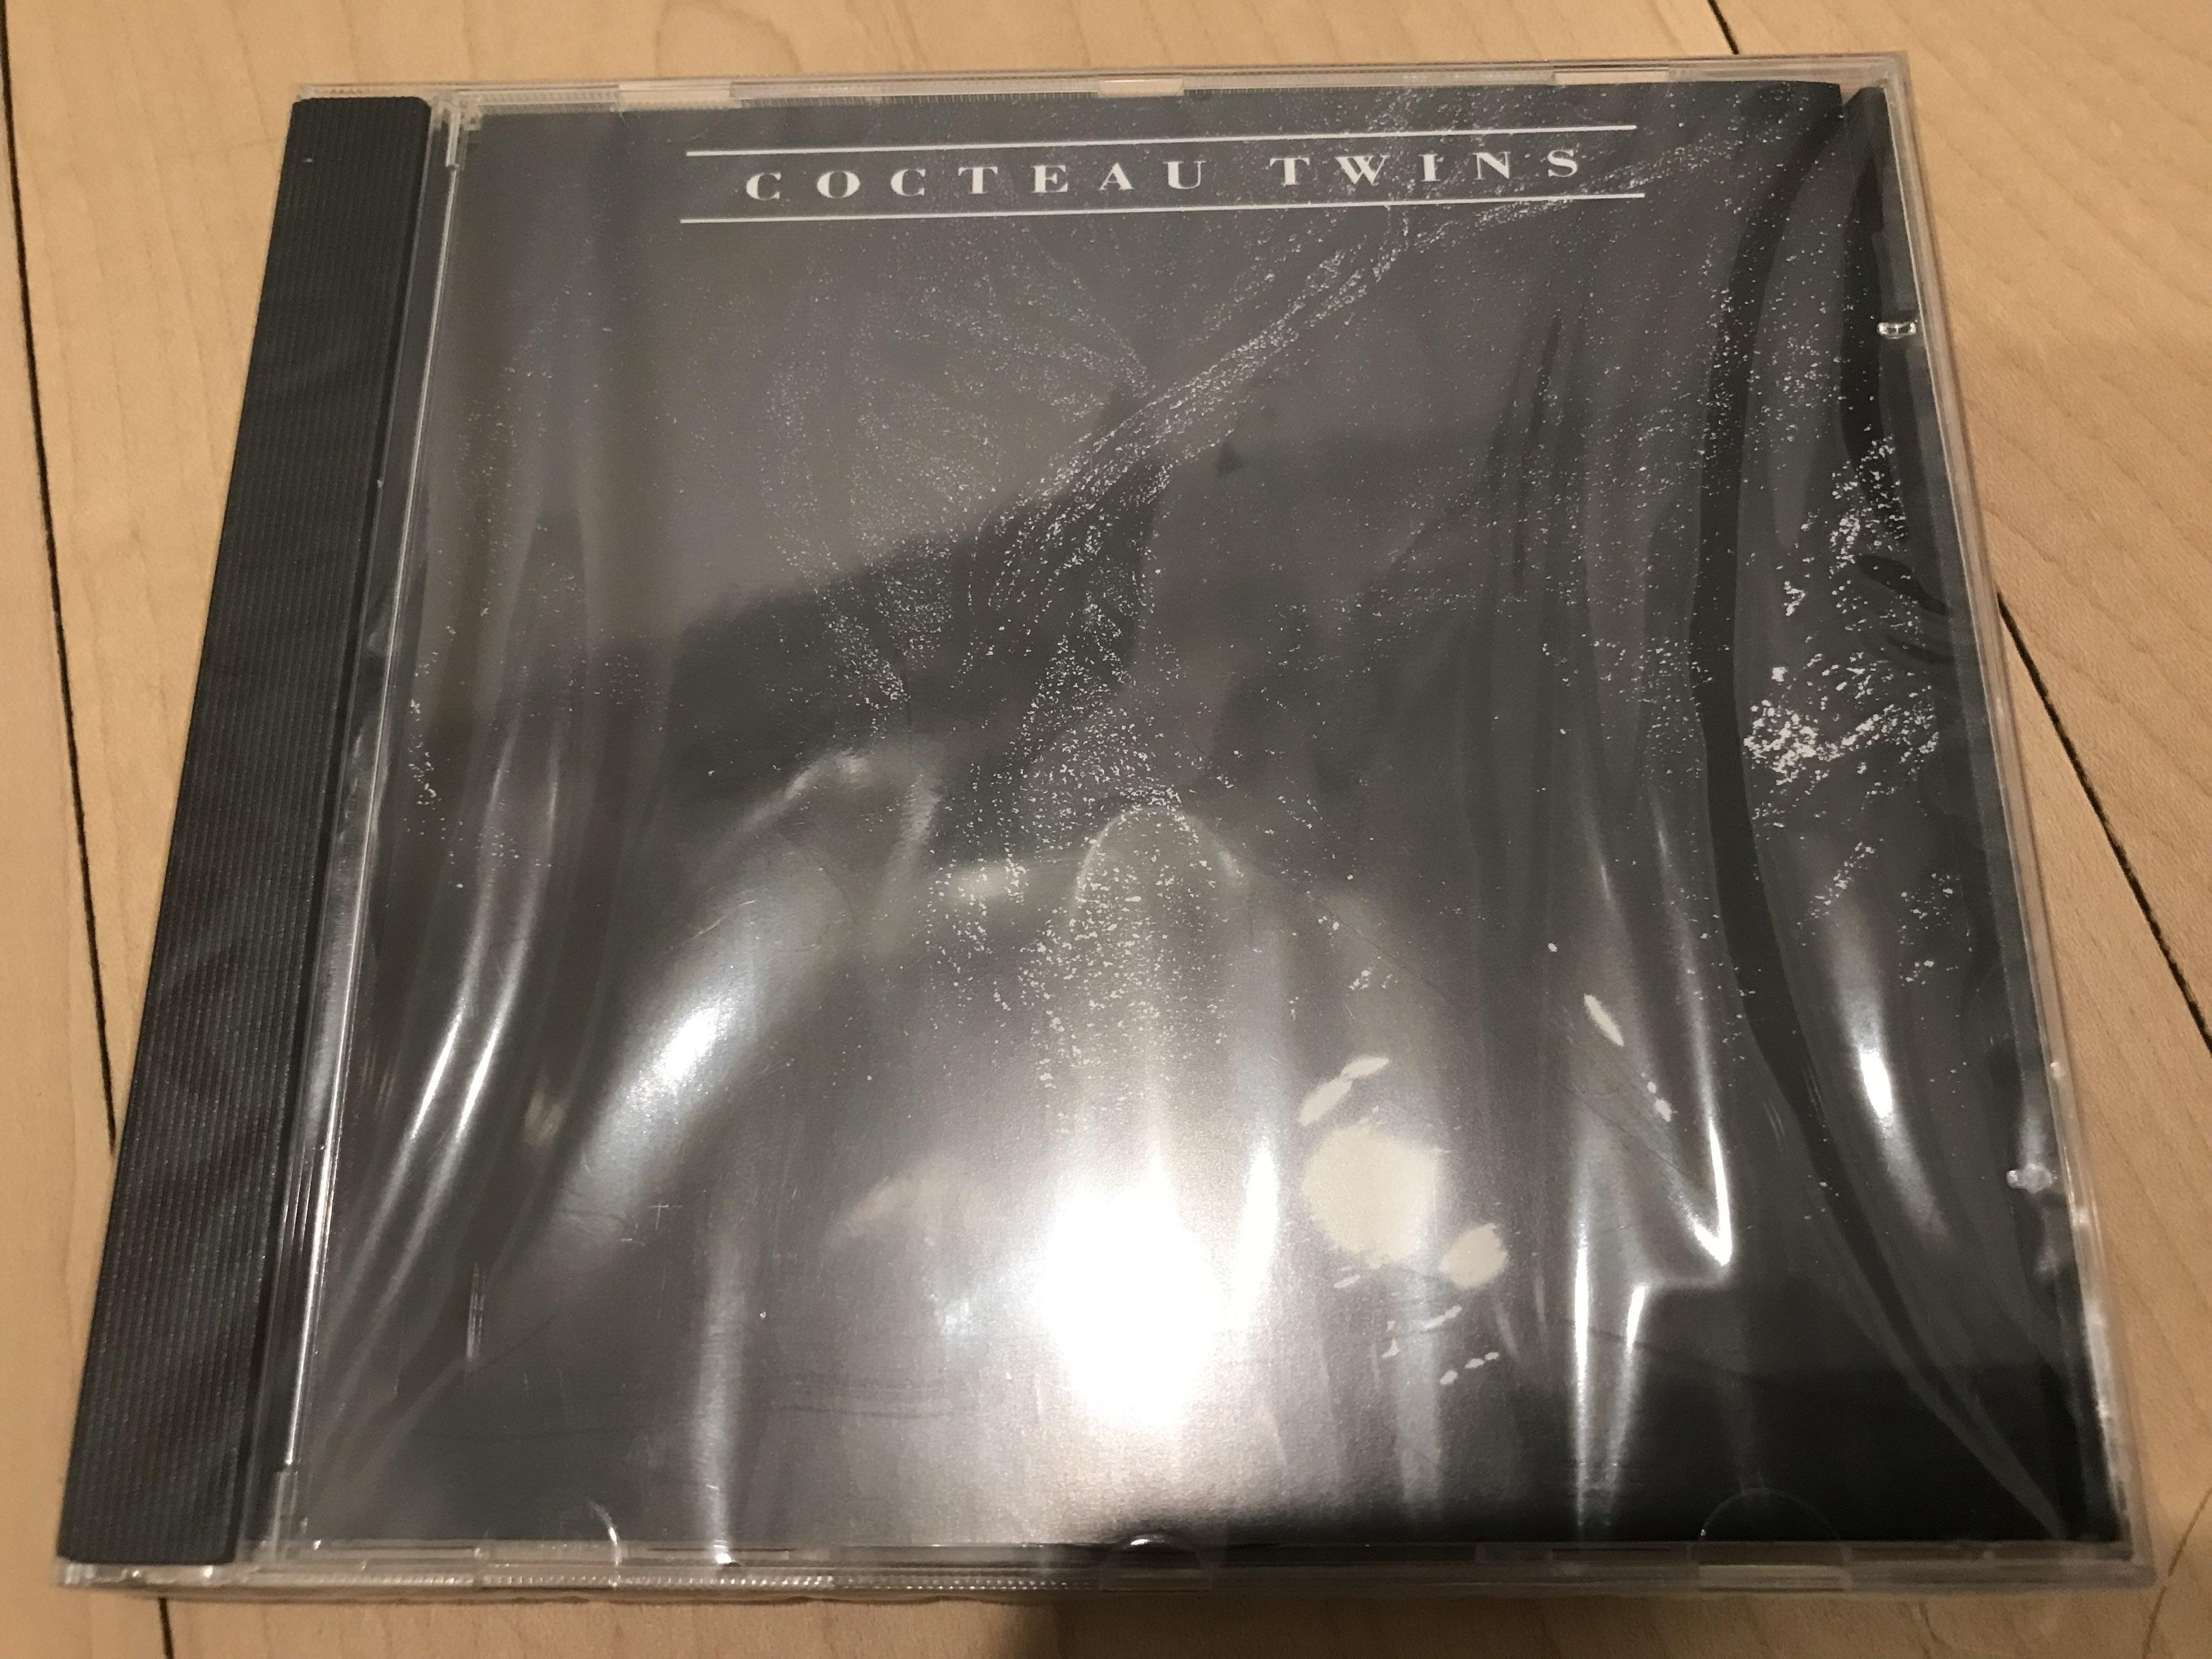 全新未拆封 英國盤 4AD 發行 Cocteau Twins 攣生卡度 / The Pink Opaque